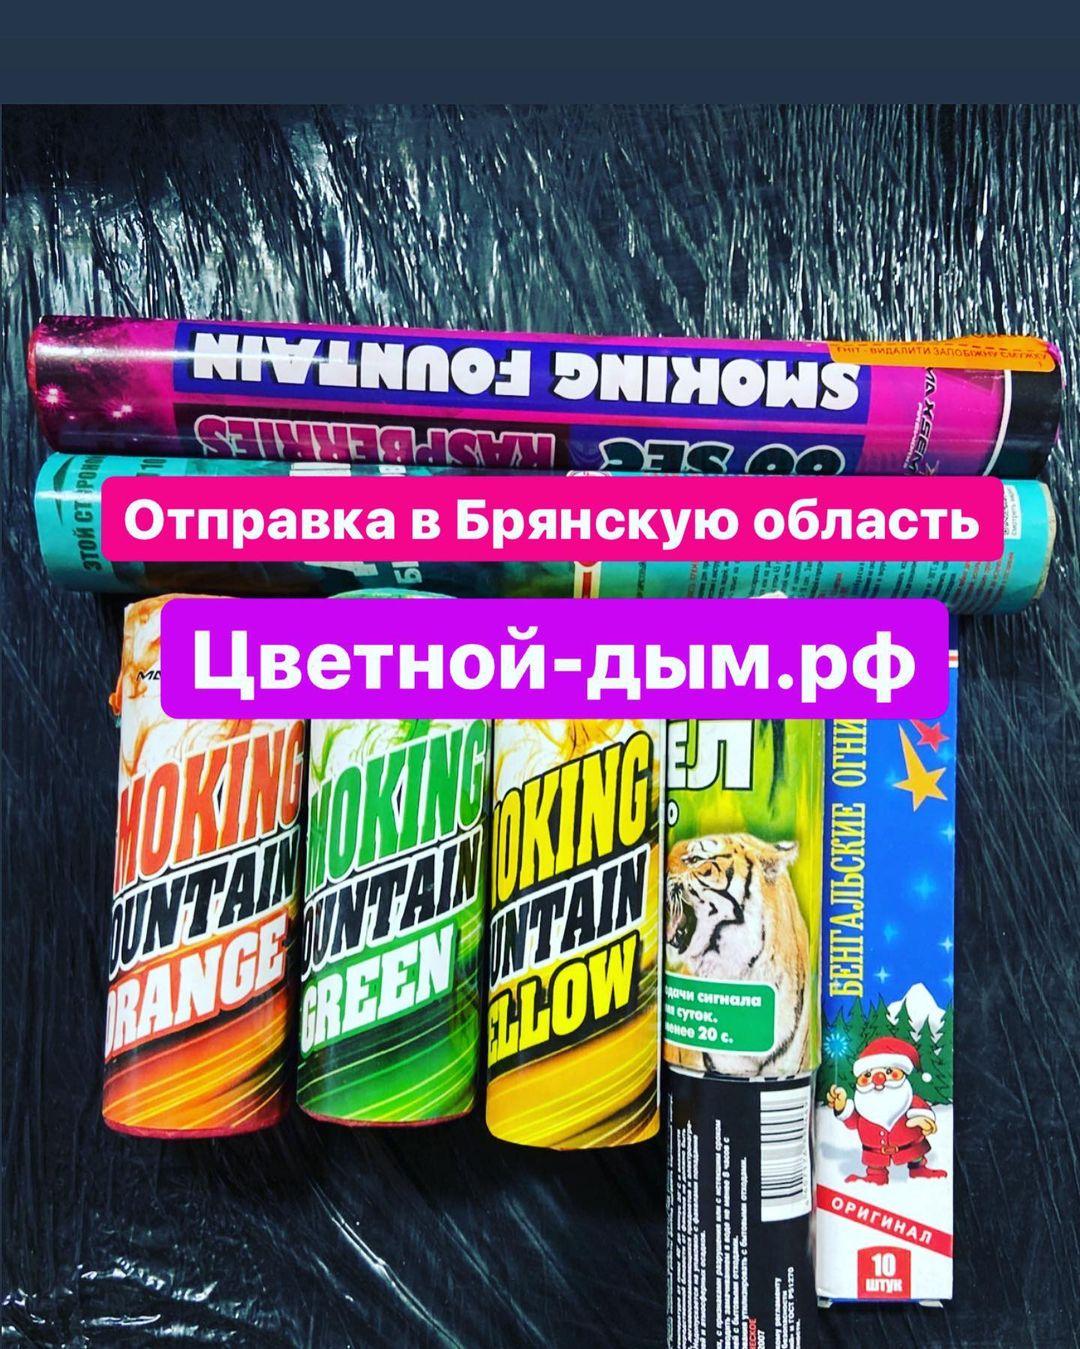 Отправка дыма цветного - Цветной-дым.рф отзывы